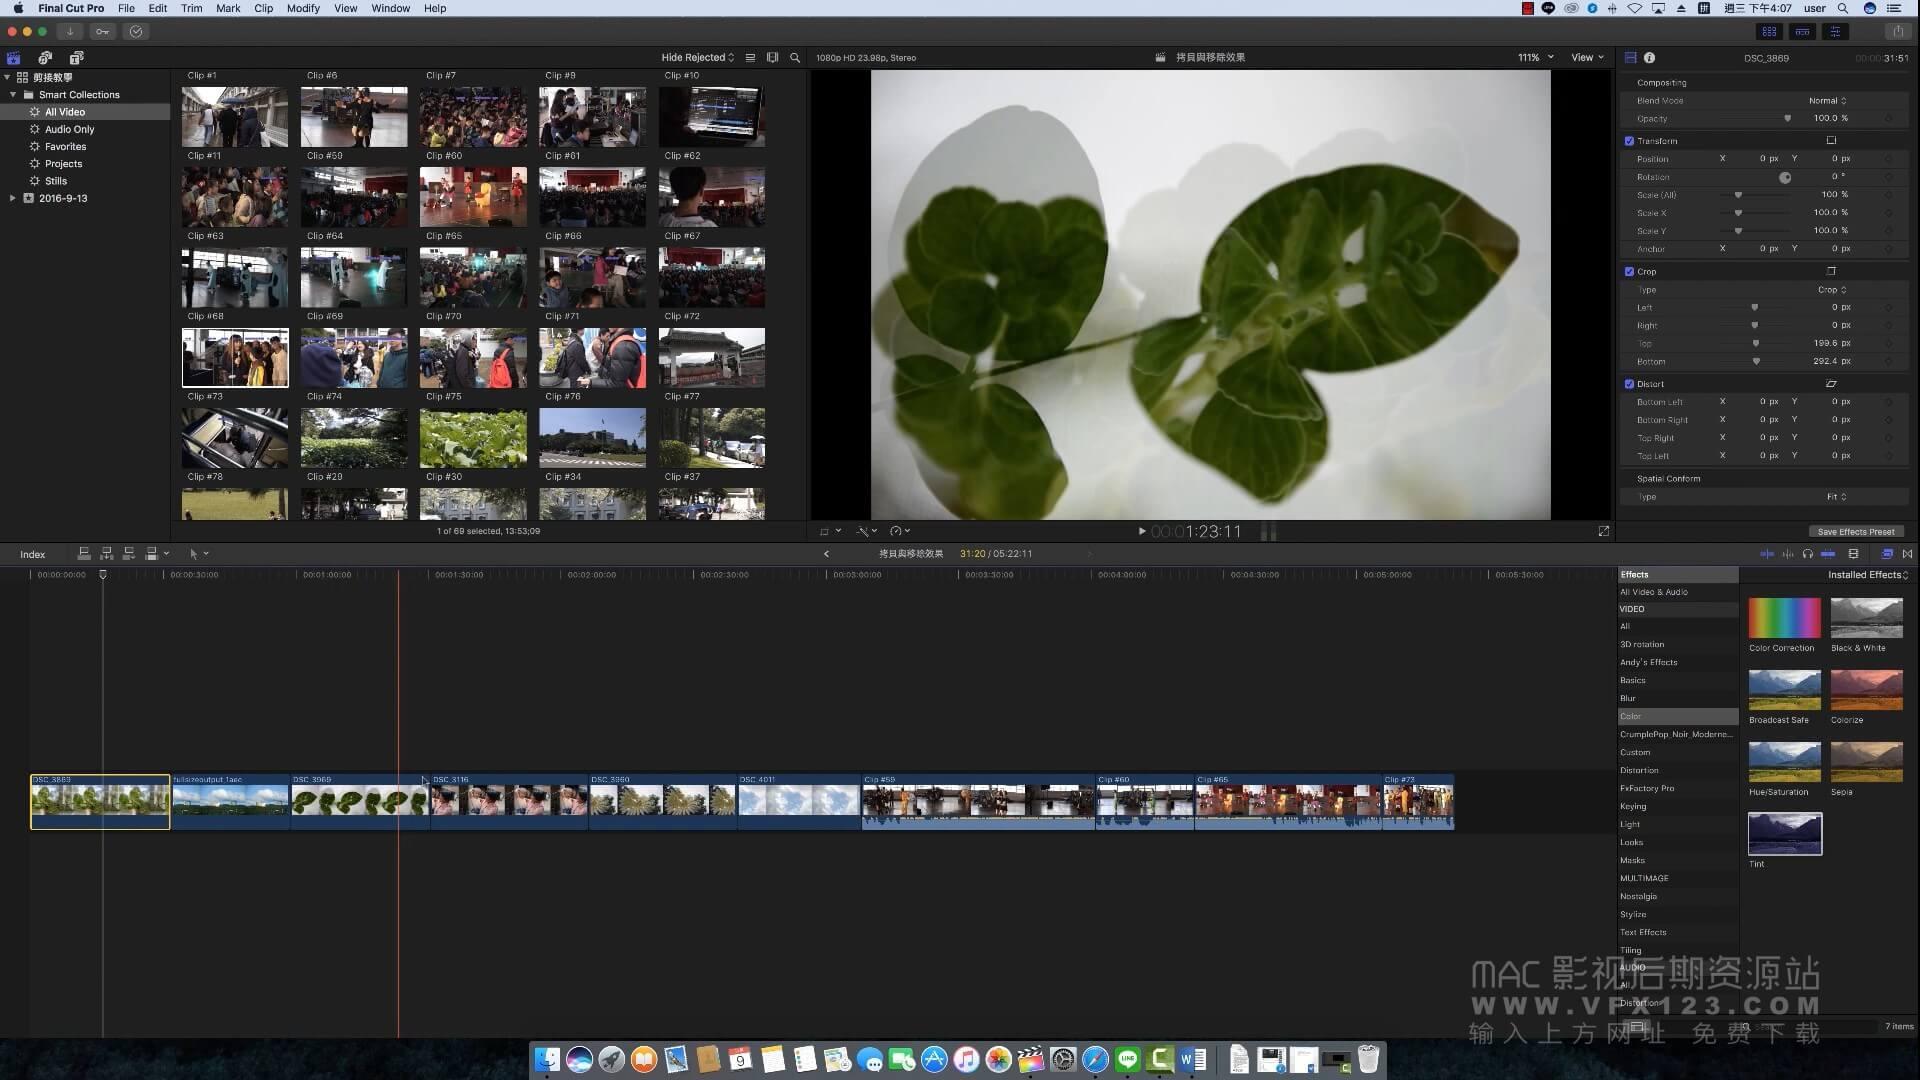 第40课: Final Cut Pro X的复制移除效果功能